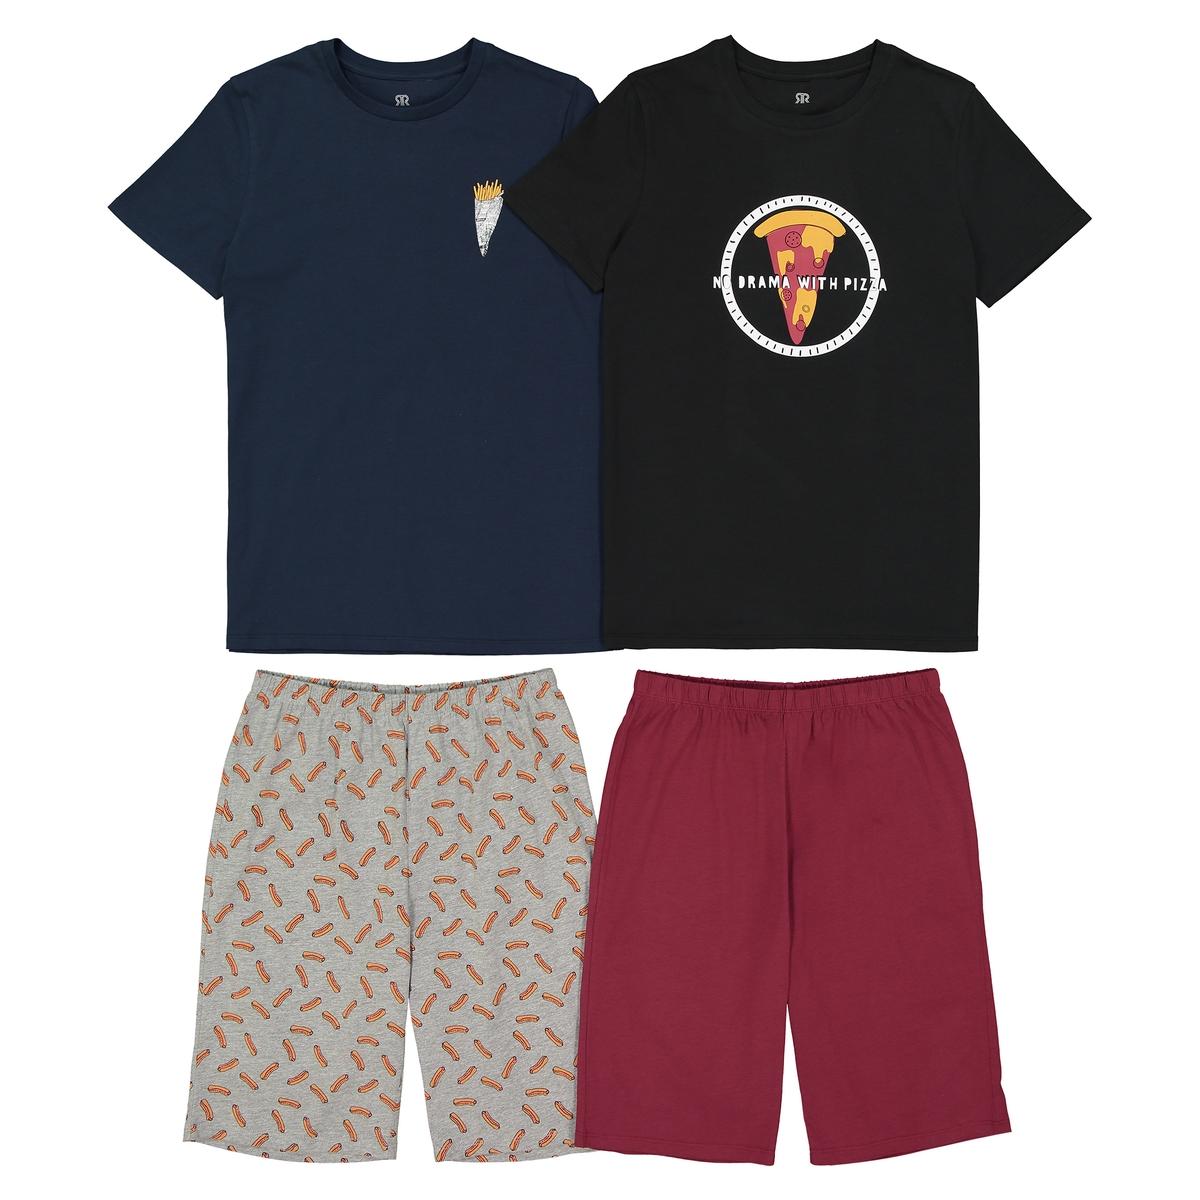 Lote de 2 pijamas de calções estampados, 10 - 16 anos